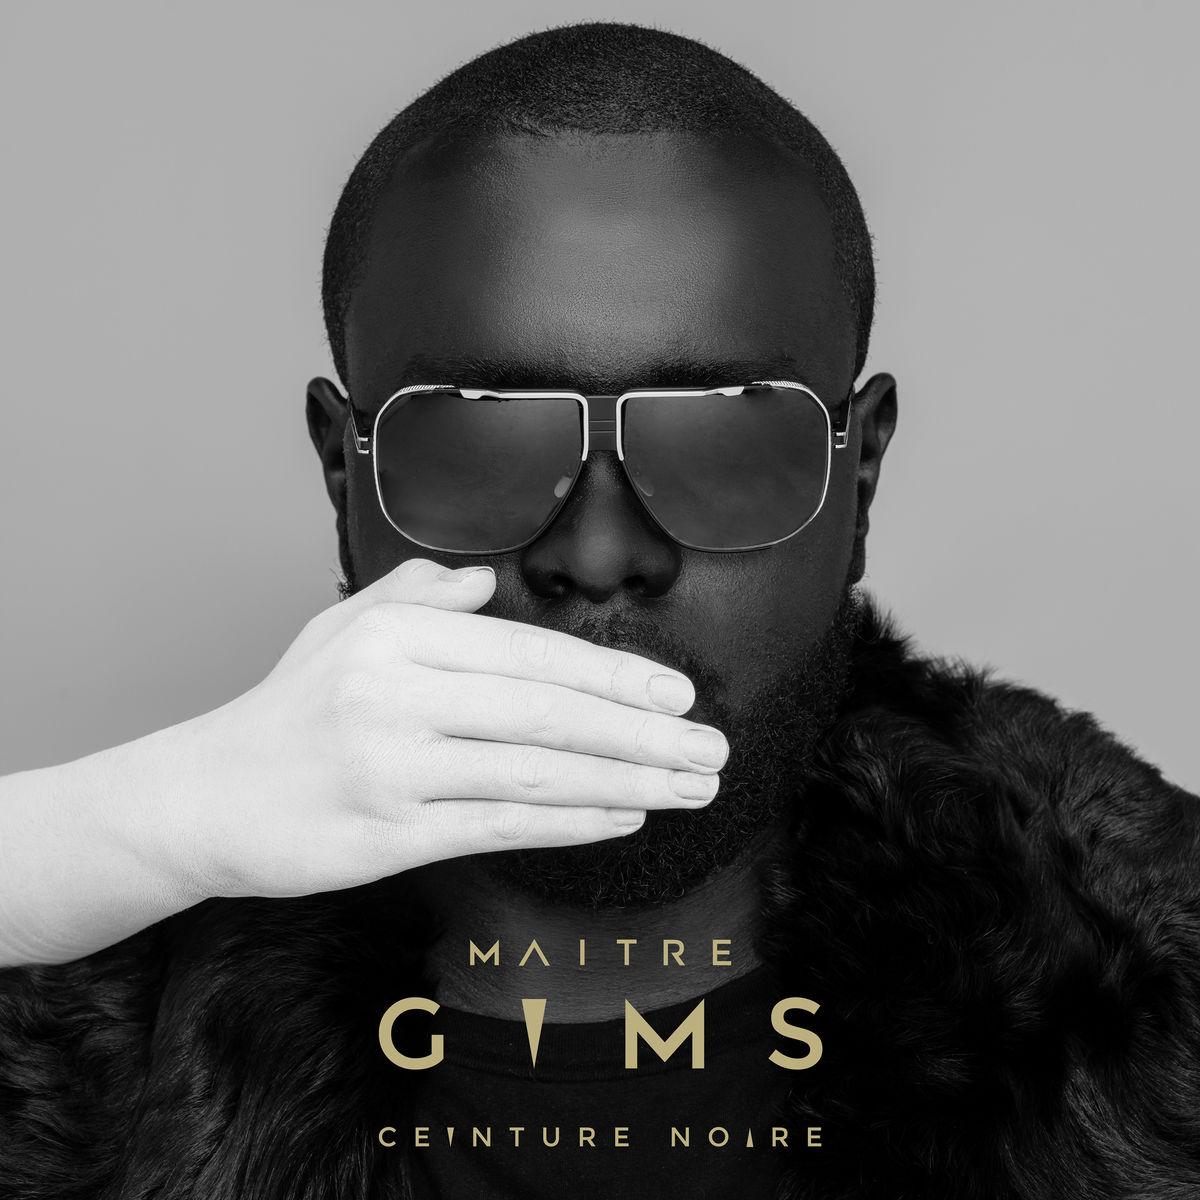 fifou pochette album cover rap maintre gims - Fifou, le photographe derrière les meilleures covers du rap français